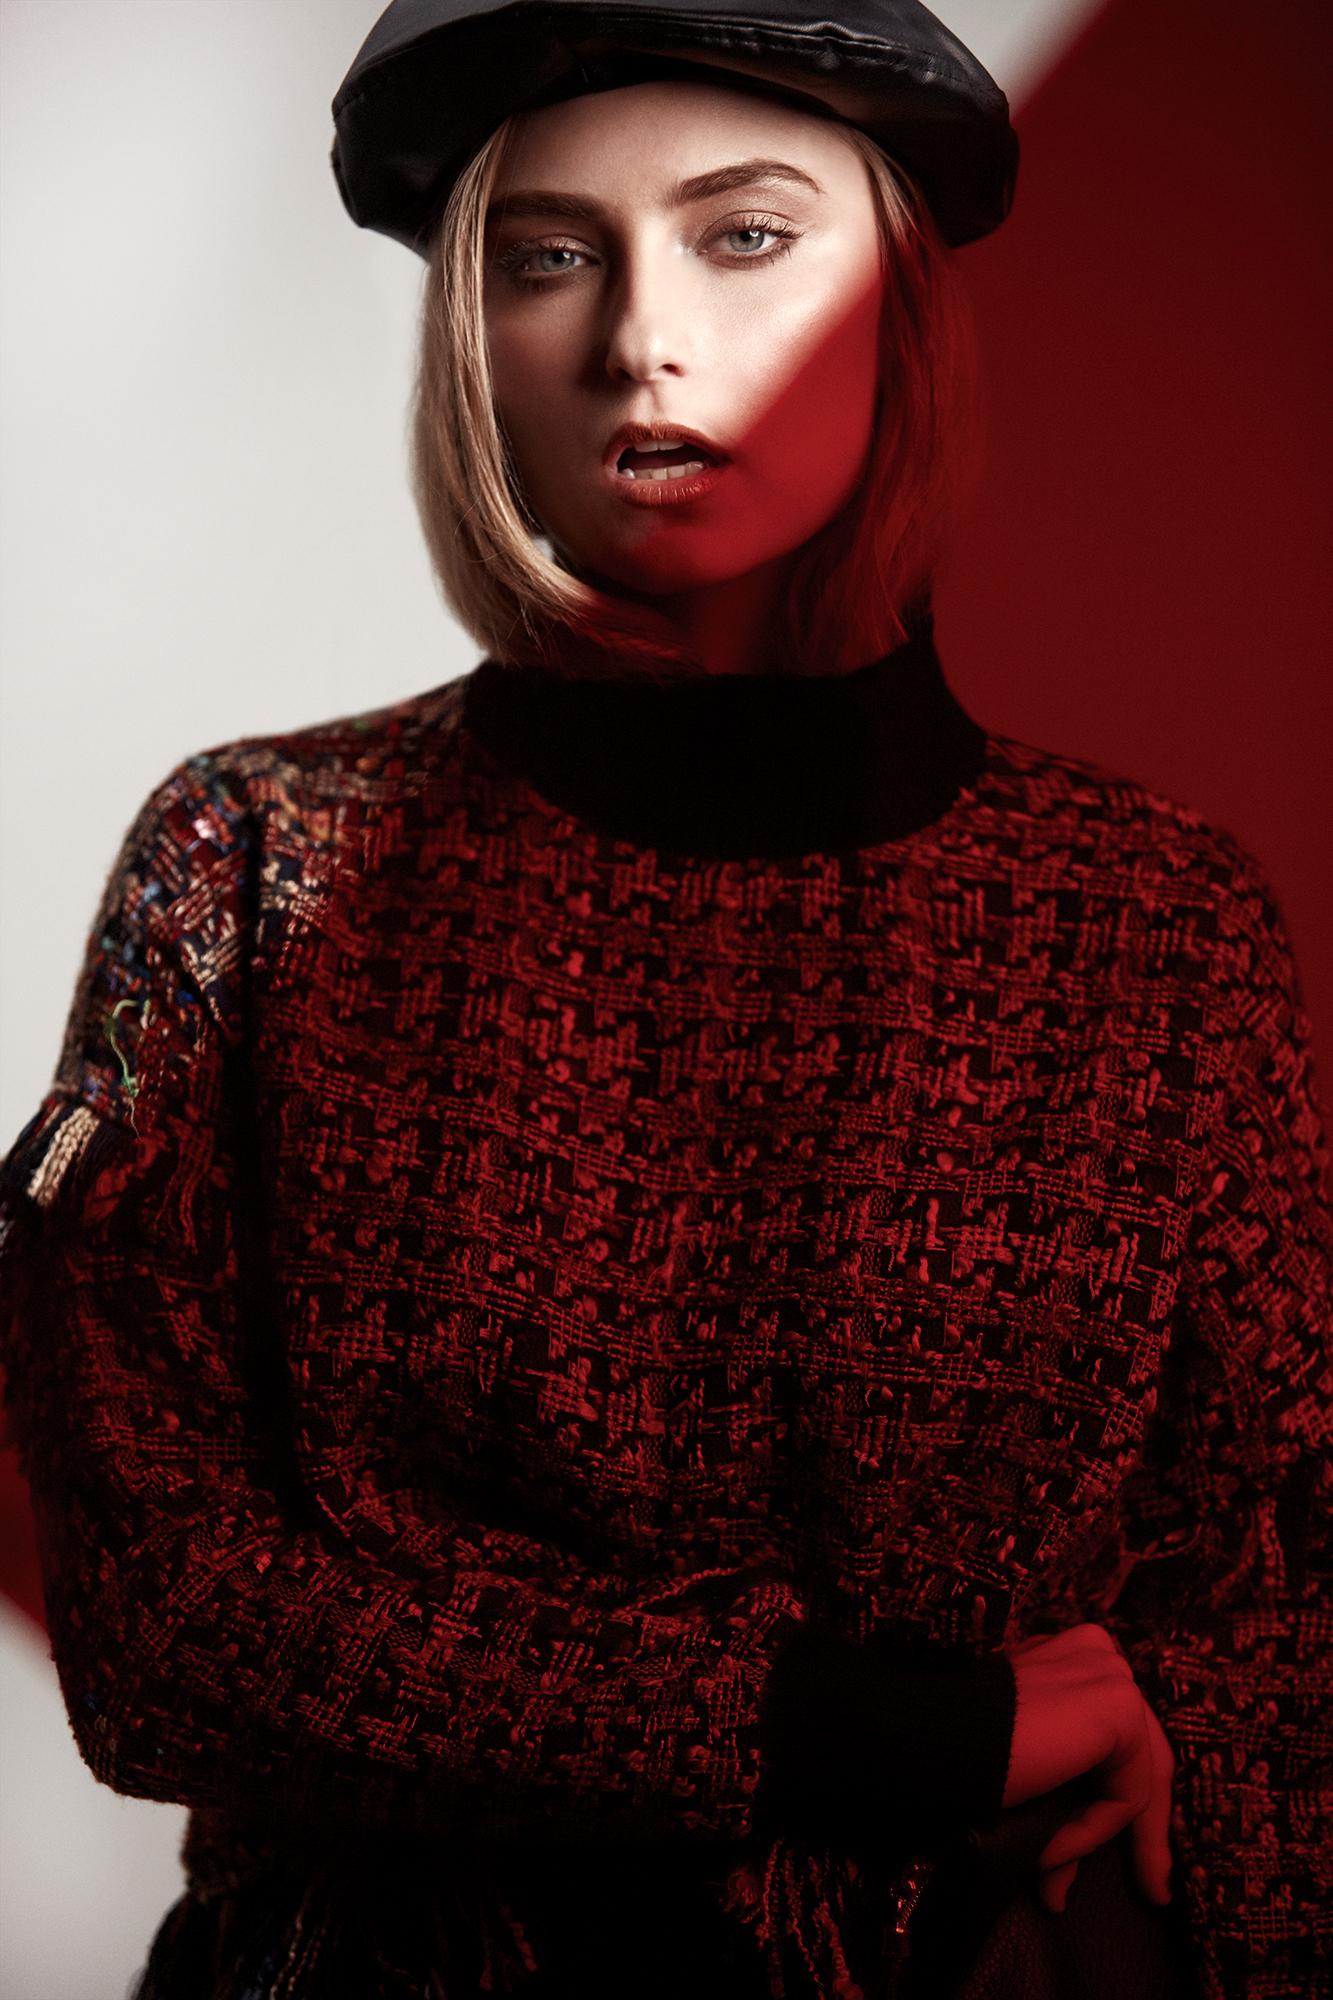 Vera Fashion Shoot04145.jpg